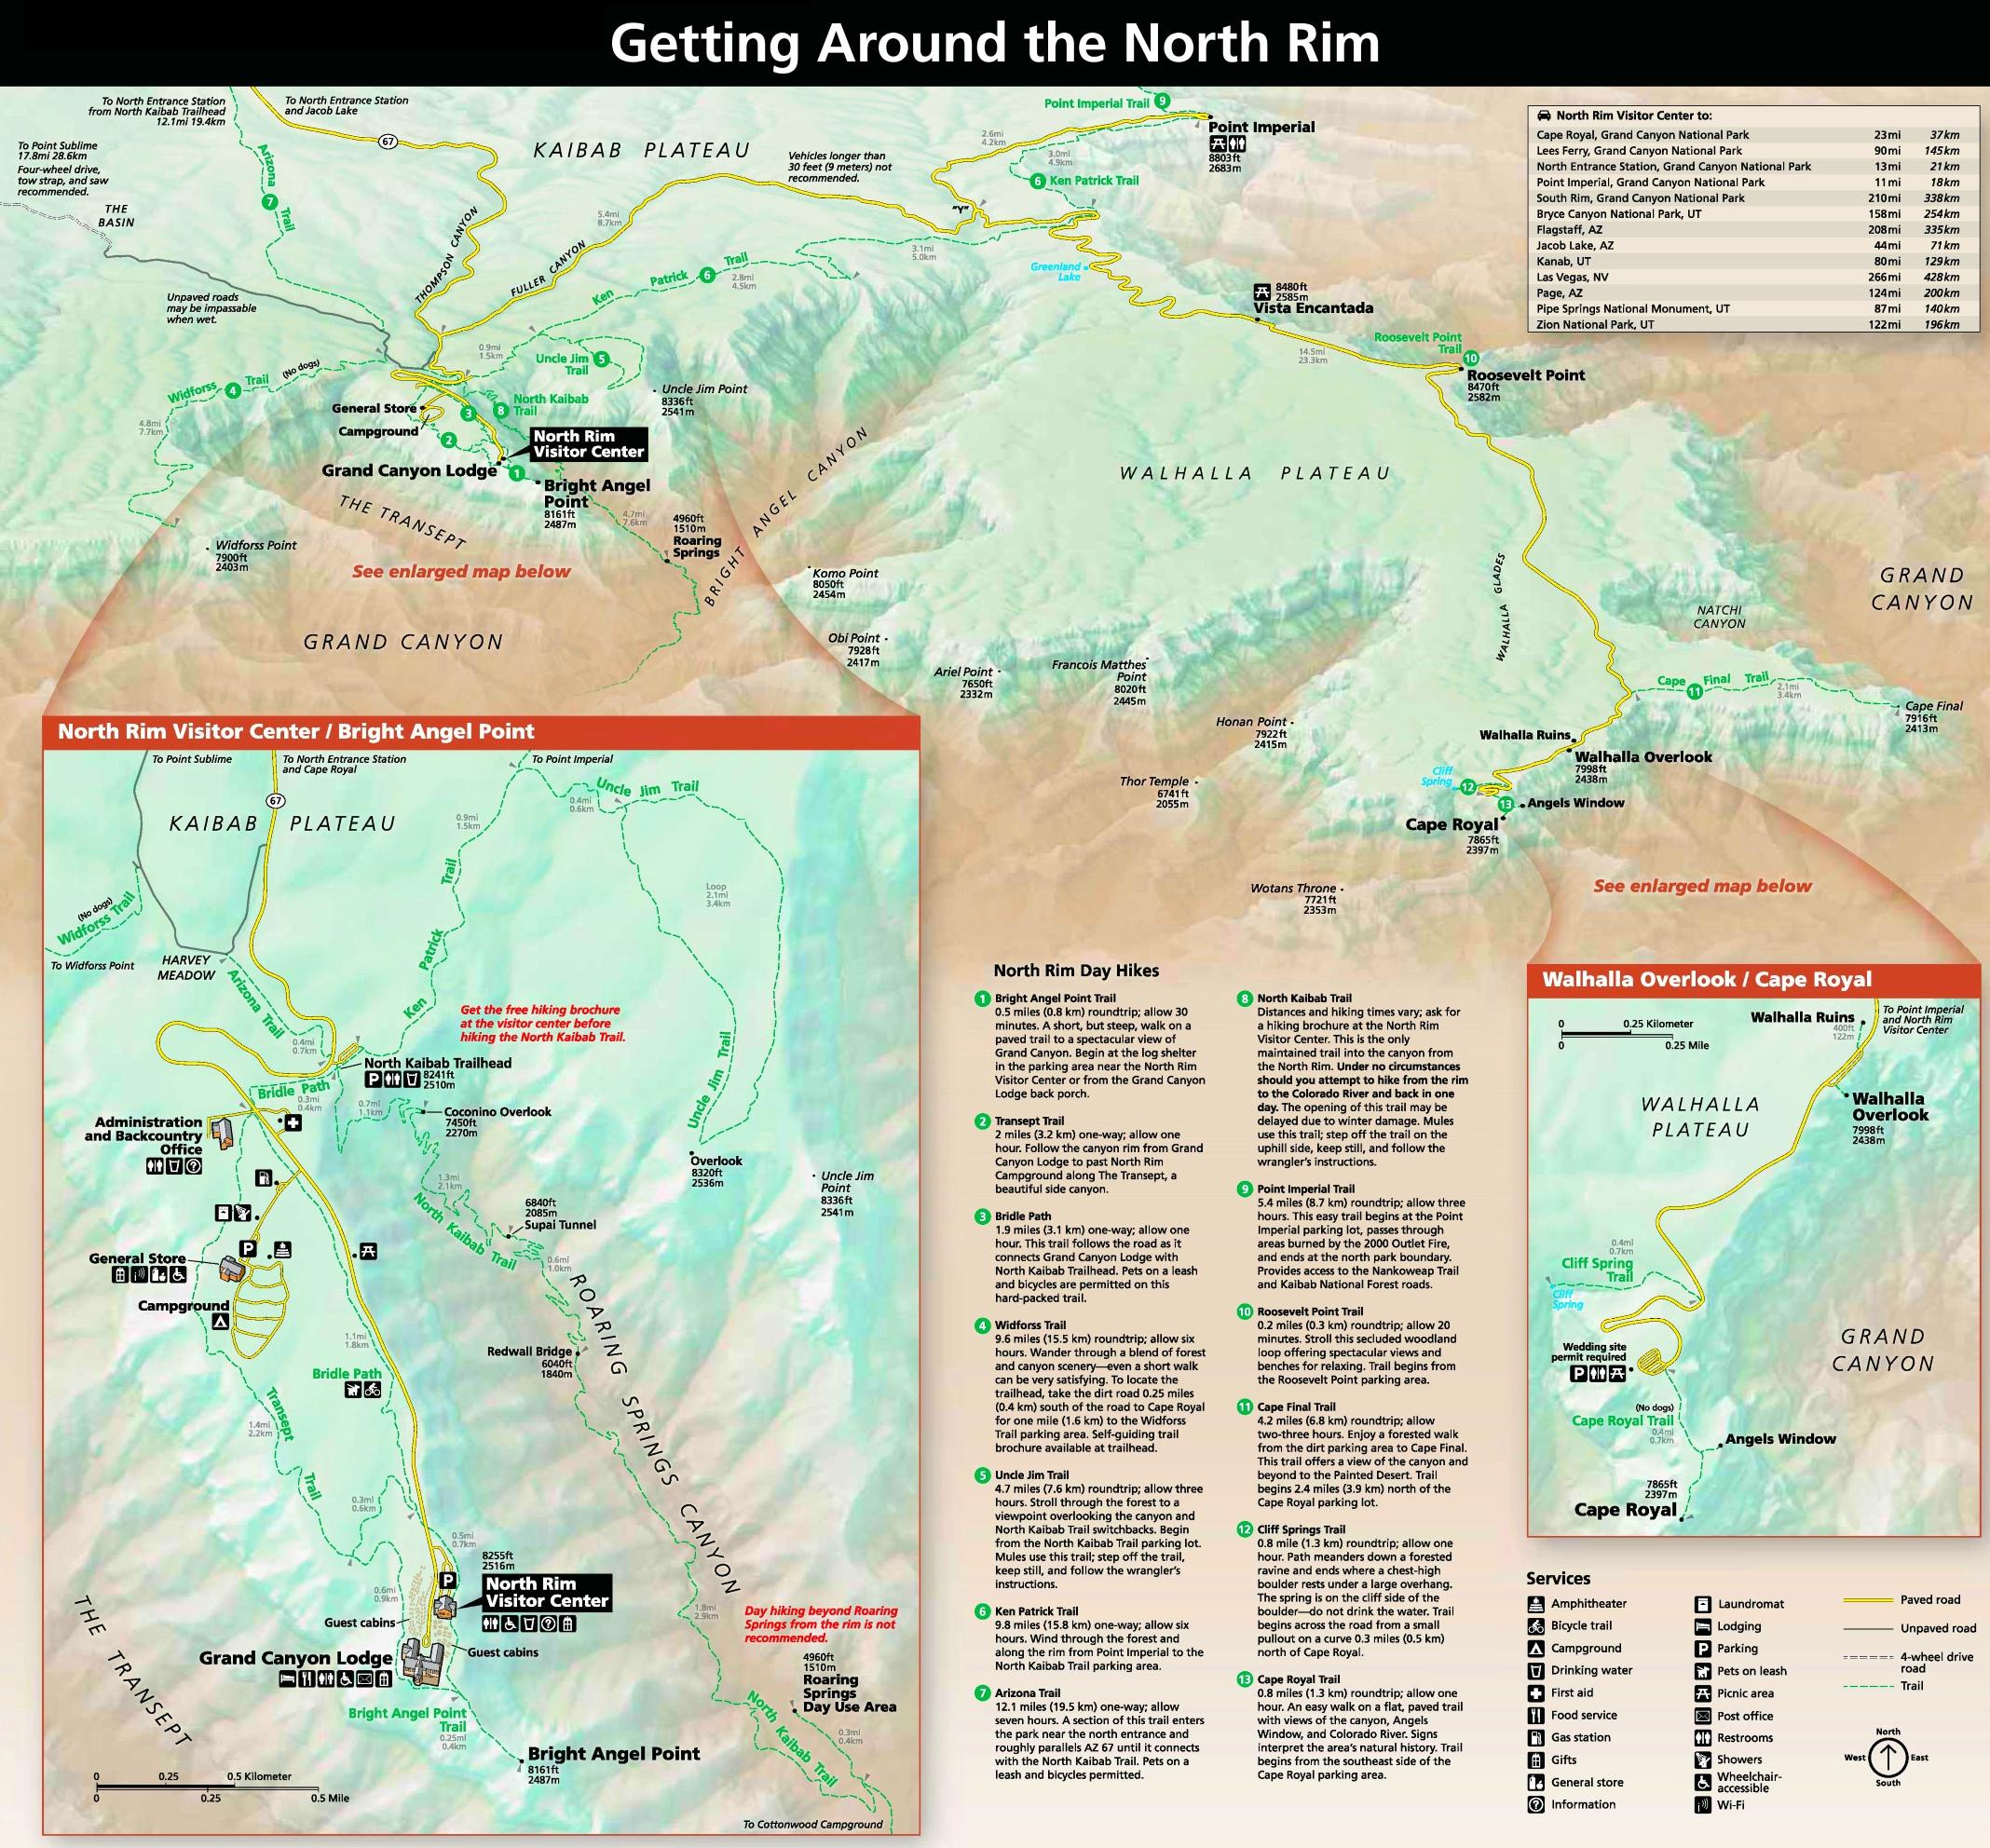 Grand Canyon North Rim lodging and camping map